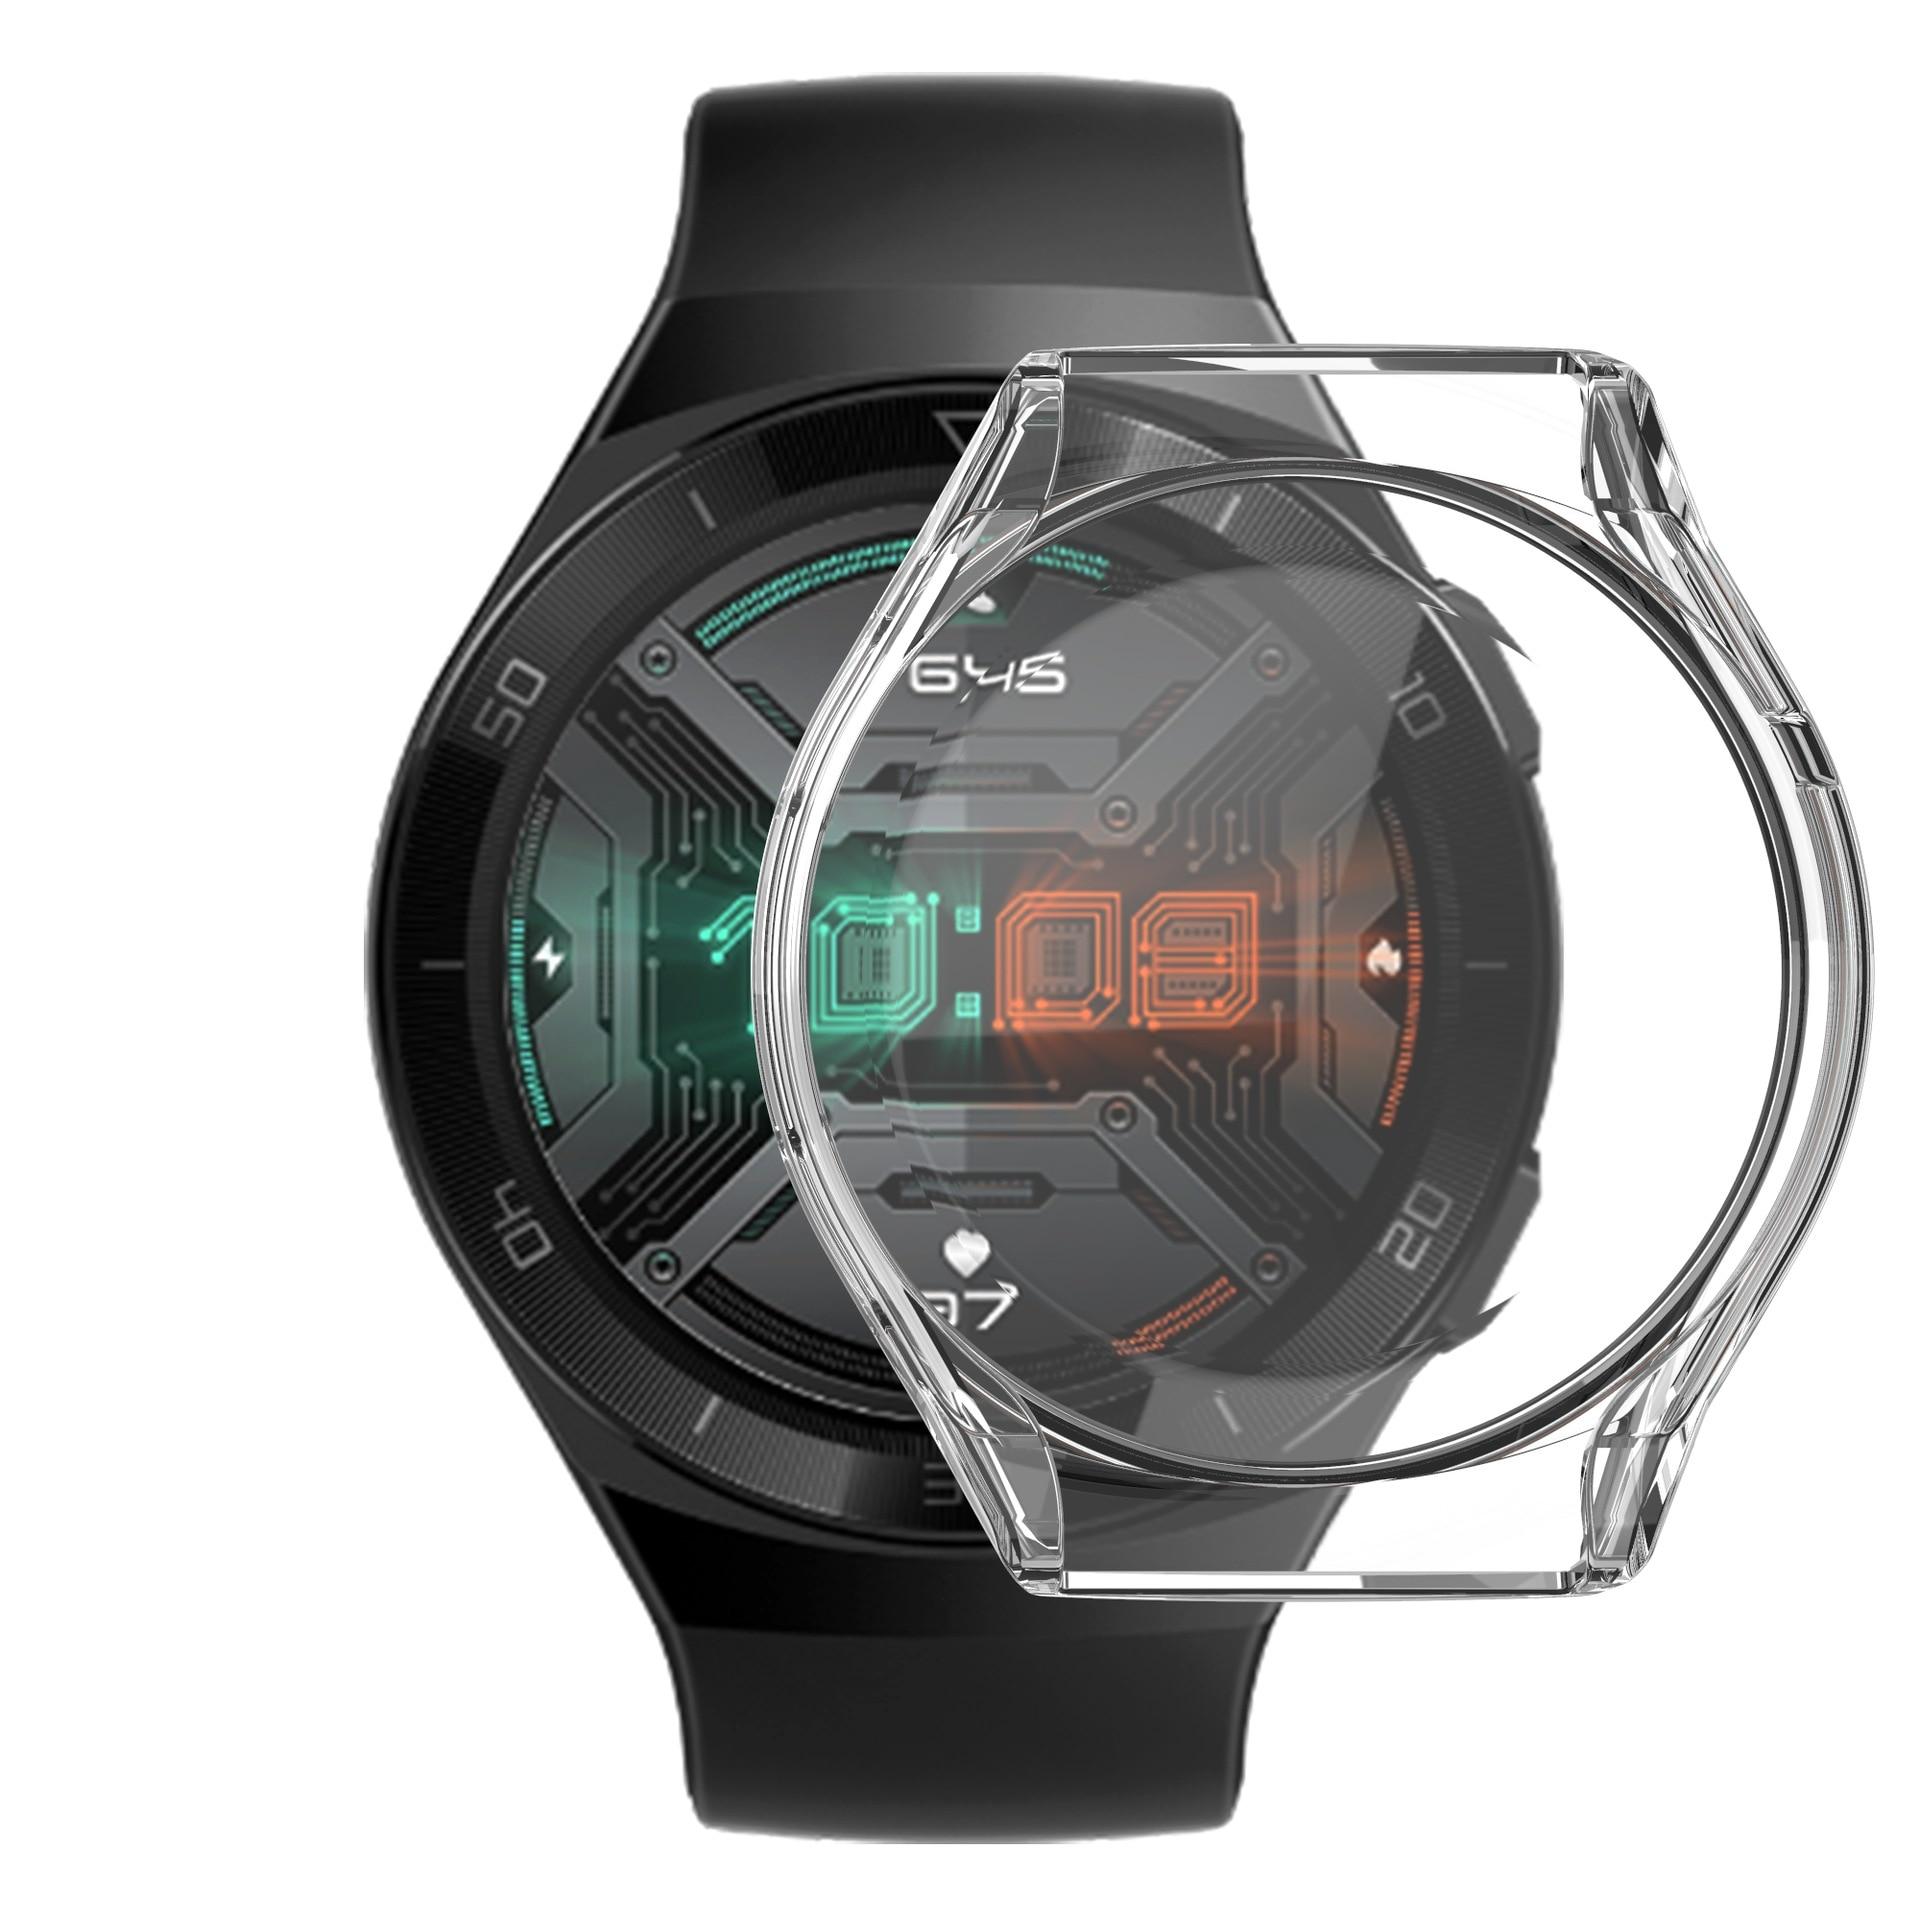 Умные часы Гальванизированный защитный чехол для Huawei watch gt 2e чехол ТПУ покрытие экран протектор чехол, для GT 2E умные часы huawei watch gt 2e hector b19c mint